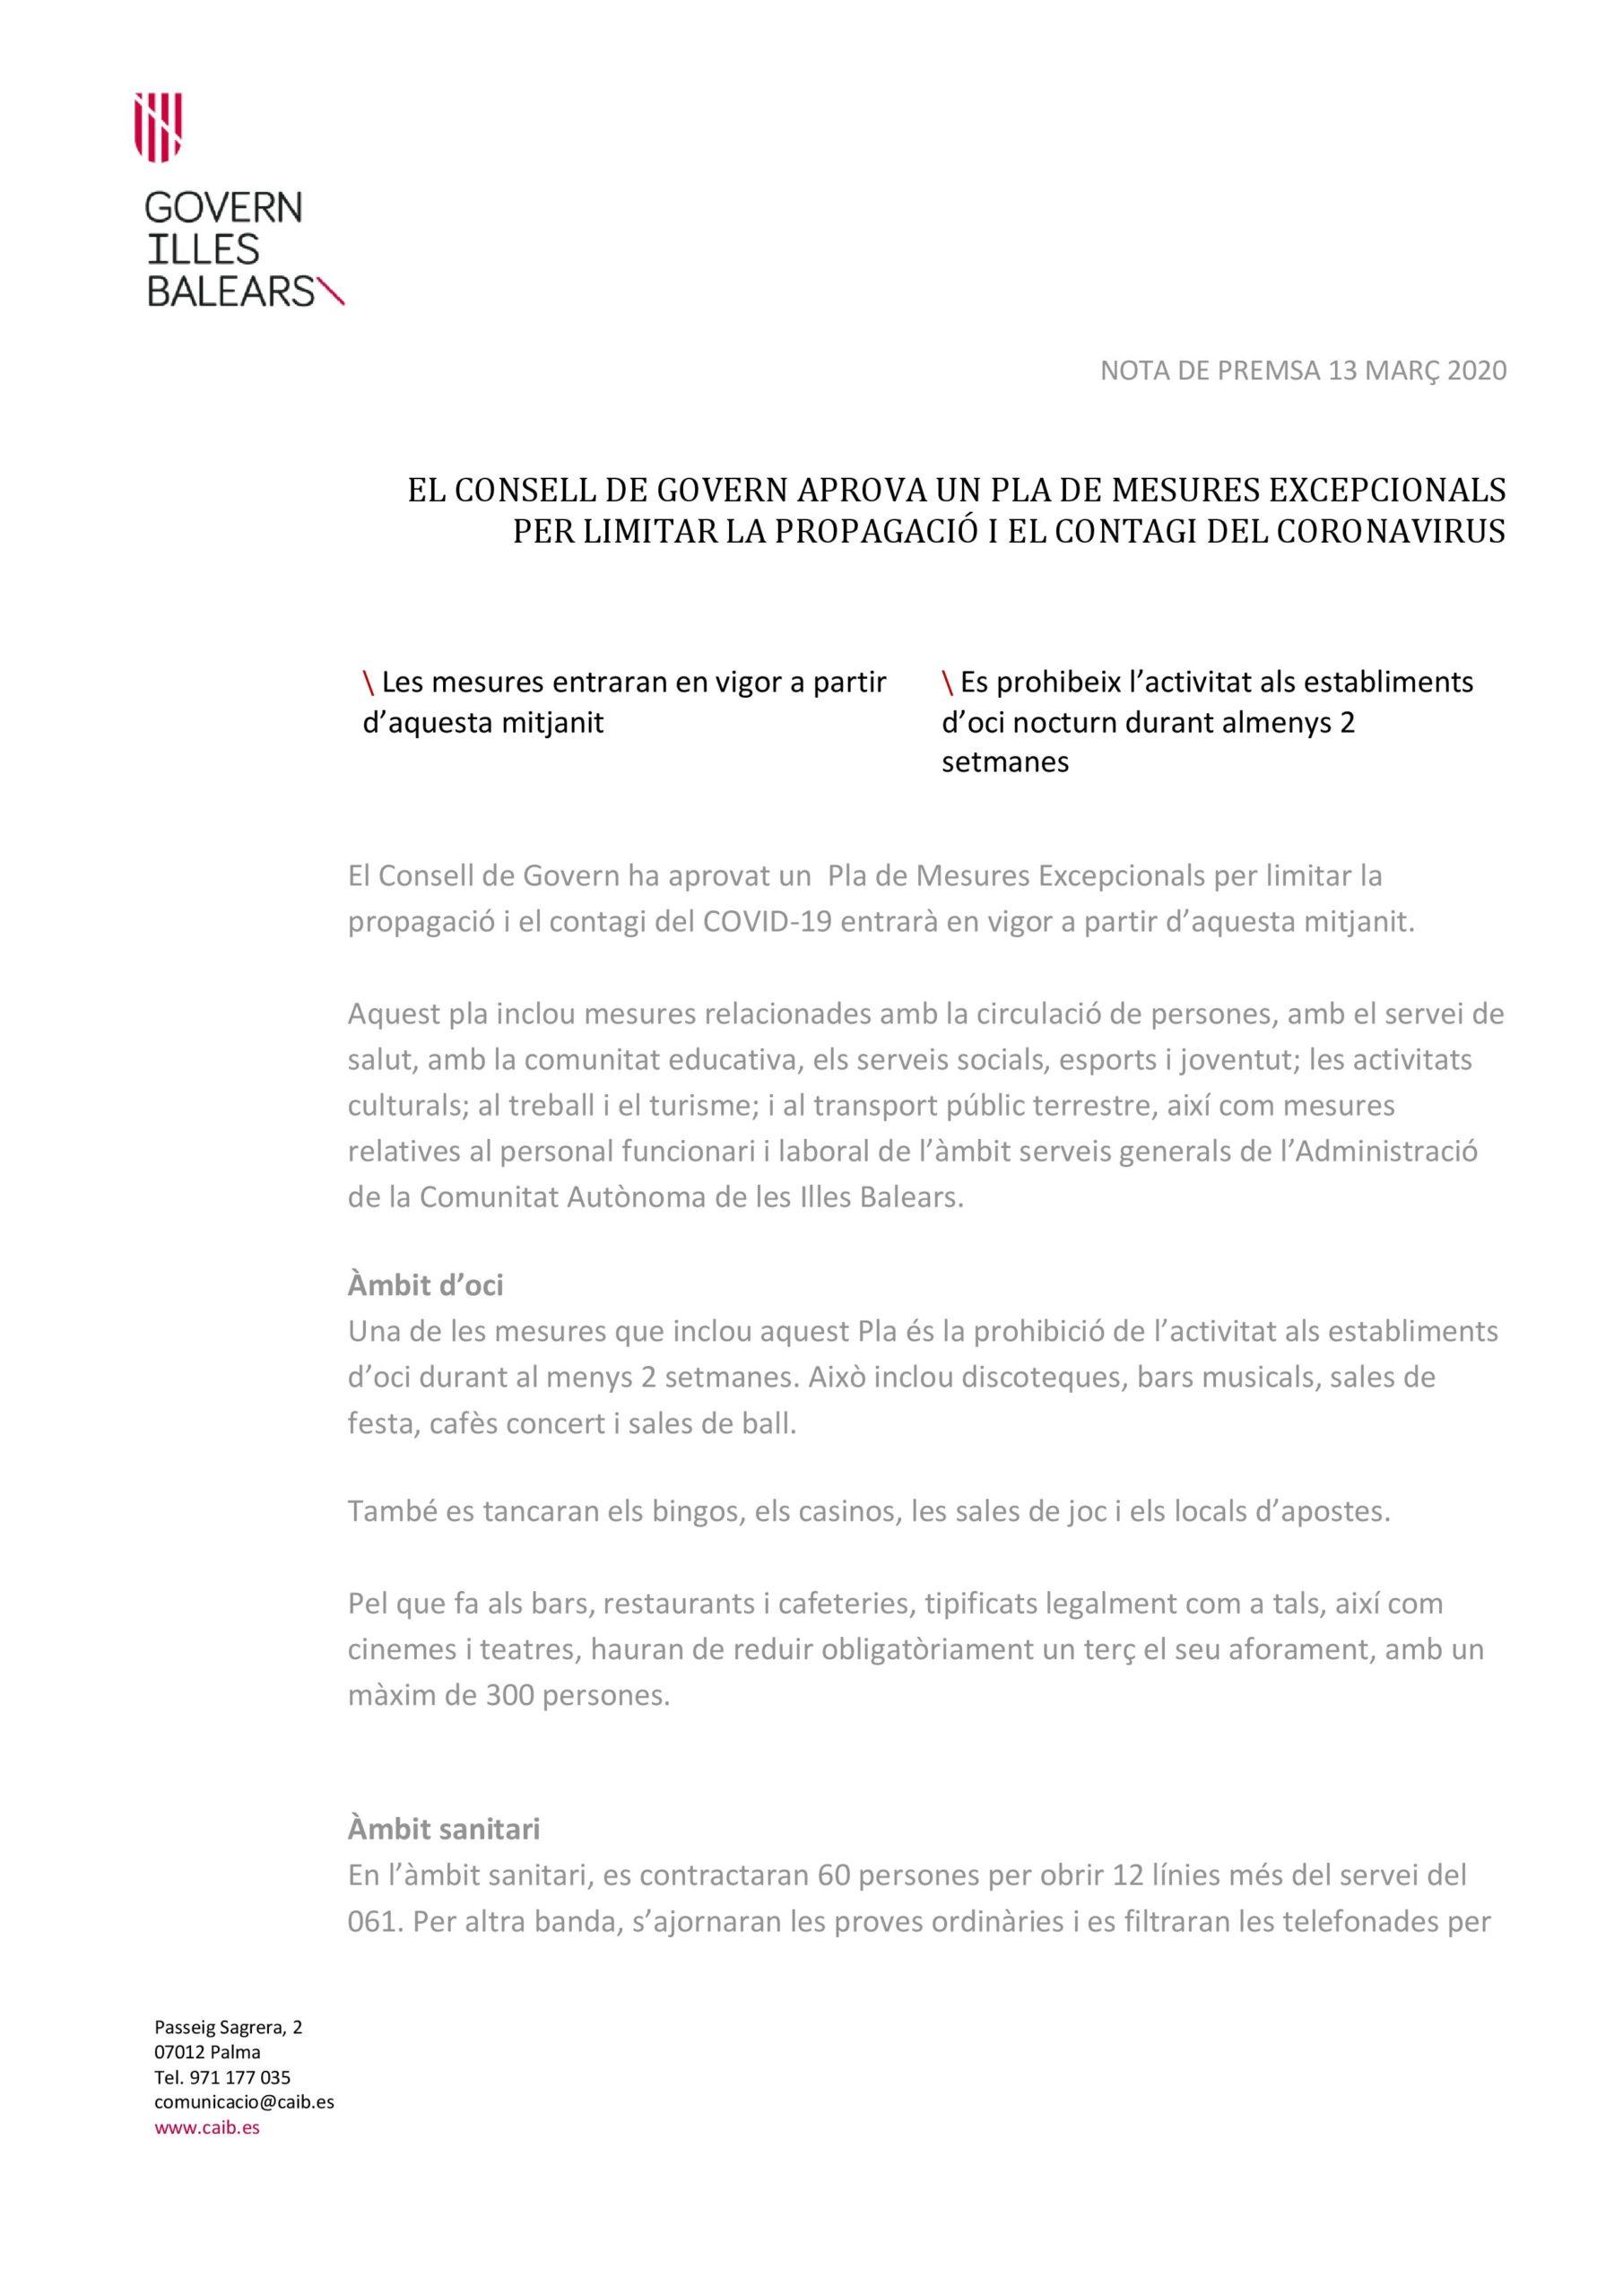 COMUNICADO GOVERN BALEAR POR CORONA VIRUS – 13 Marzo 2020